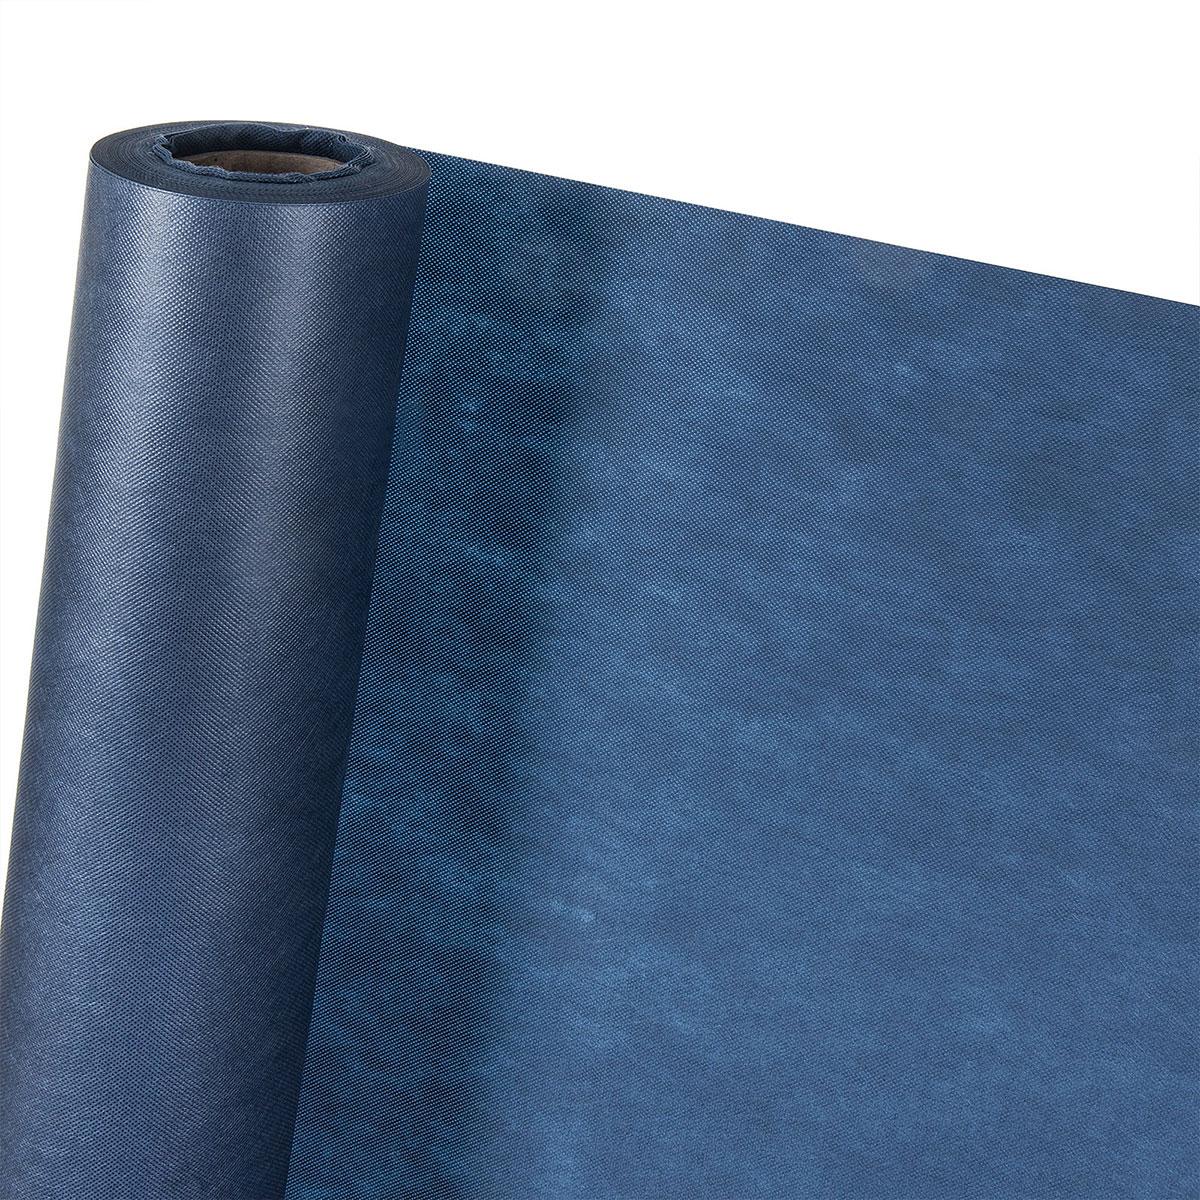 dekovlies in 1 6m breite dunkelblau meterware dekostoff tischdecke ebay. Black Bedroom Furniture Sets. Home Design Ideas